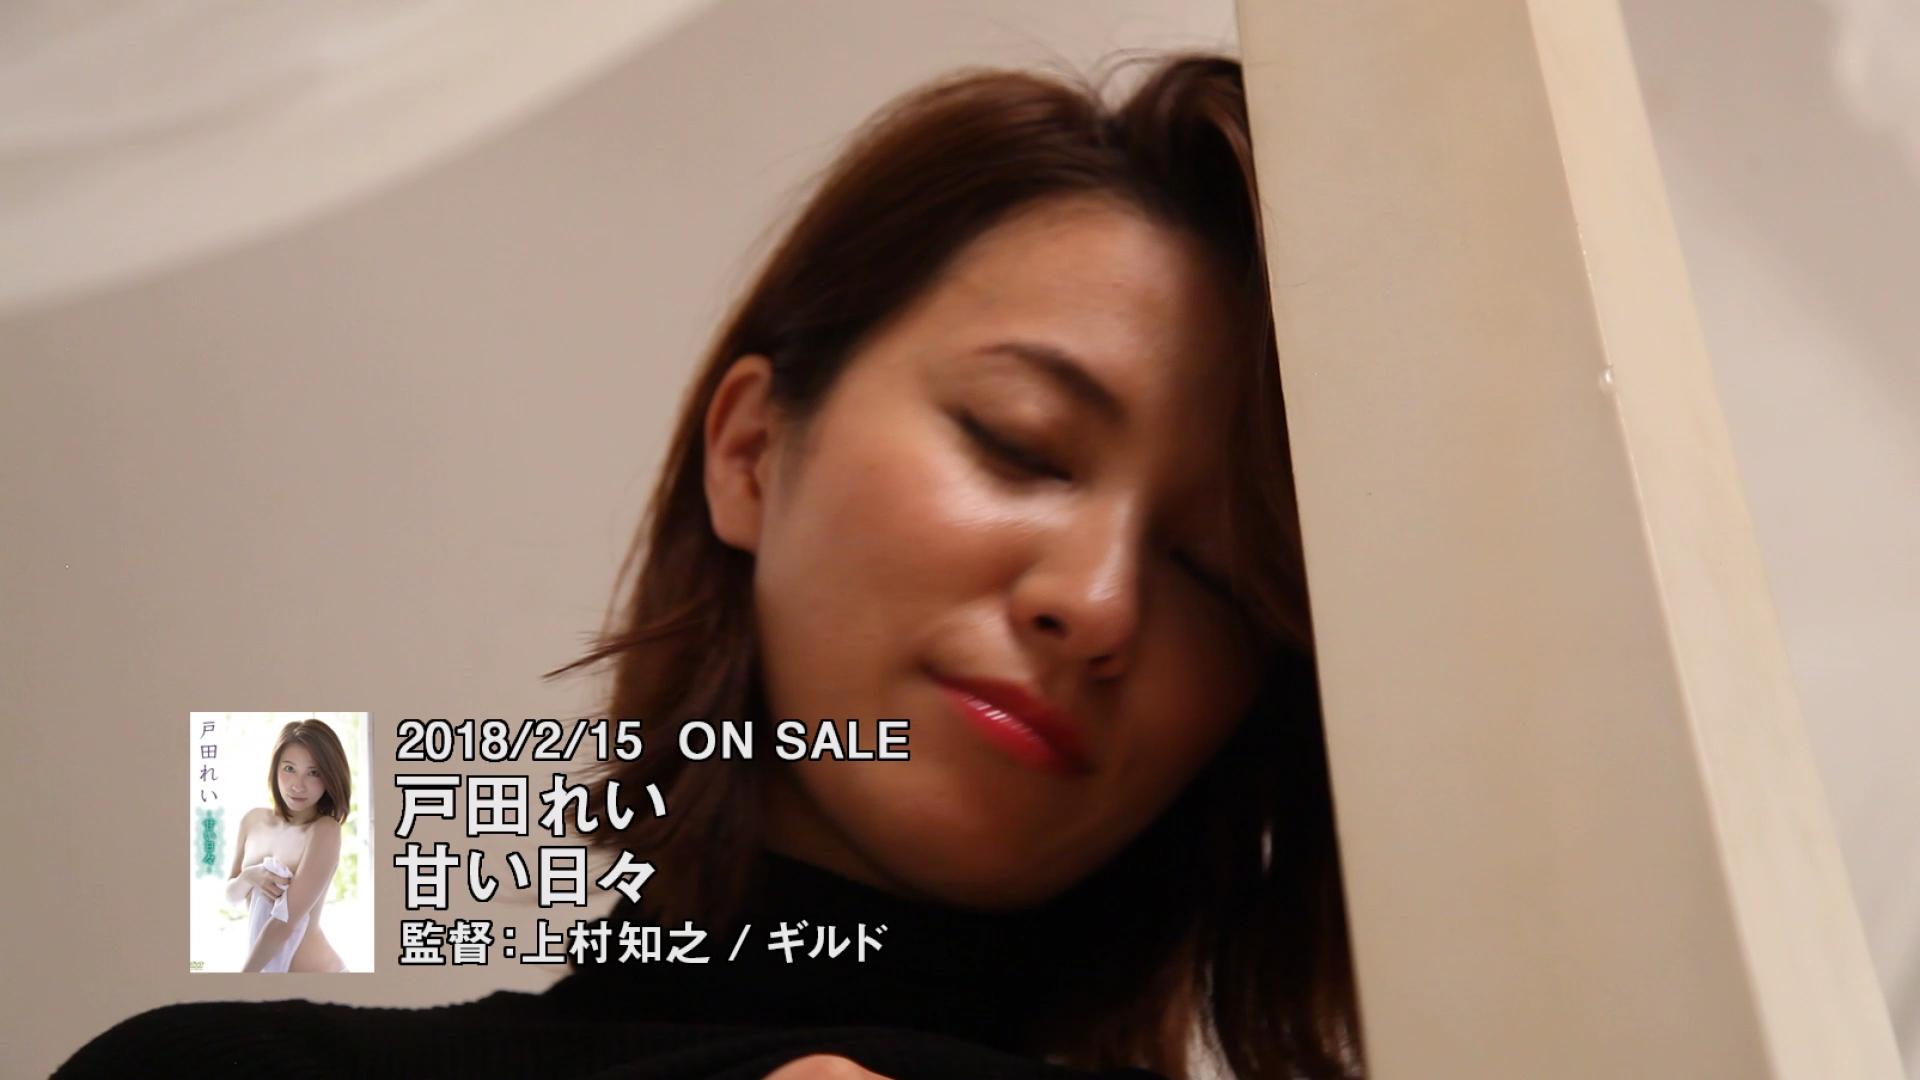 戸田れいのイメージDVDエロ画像043